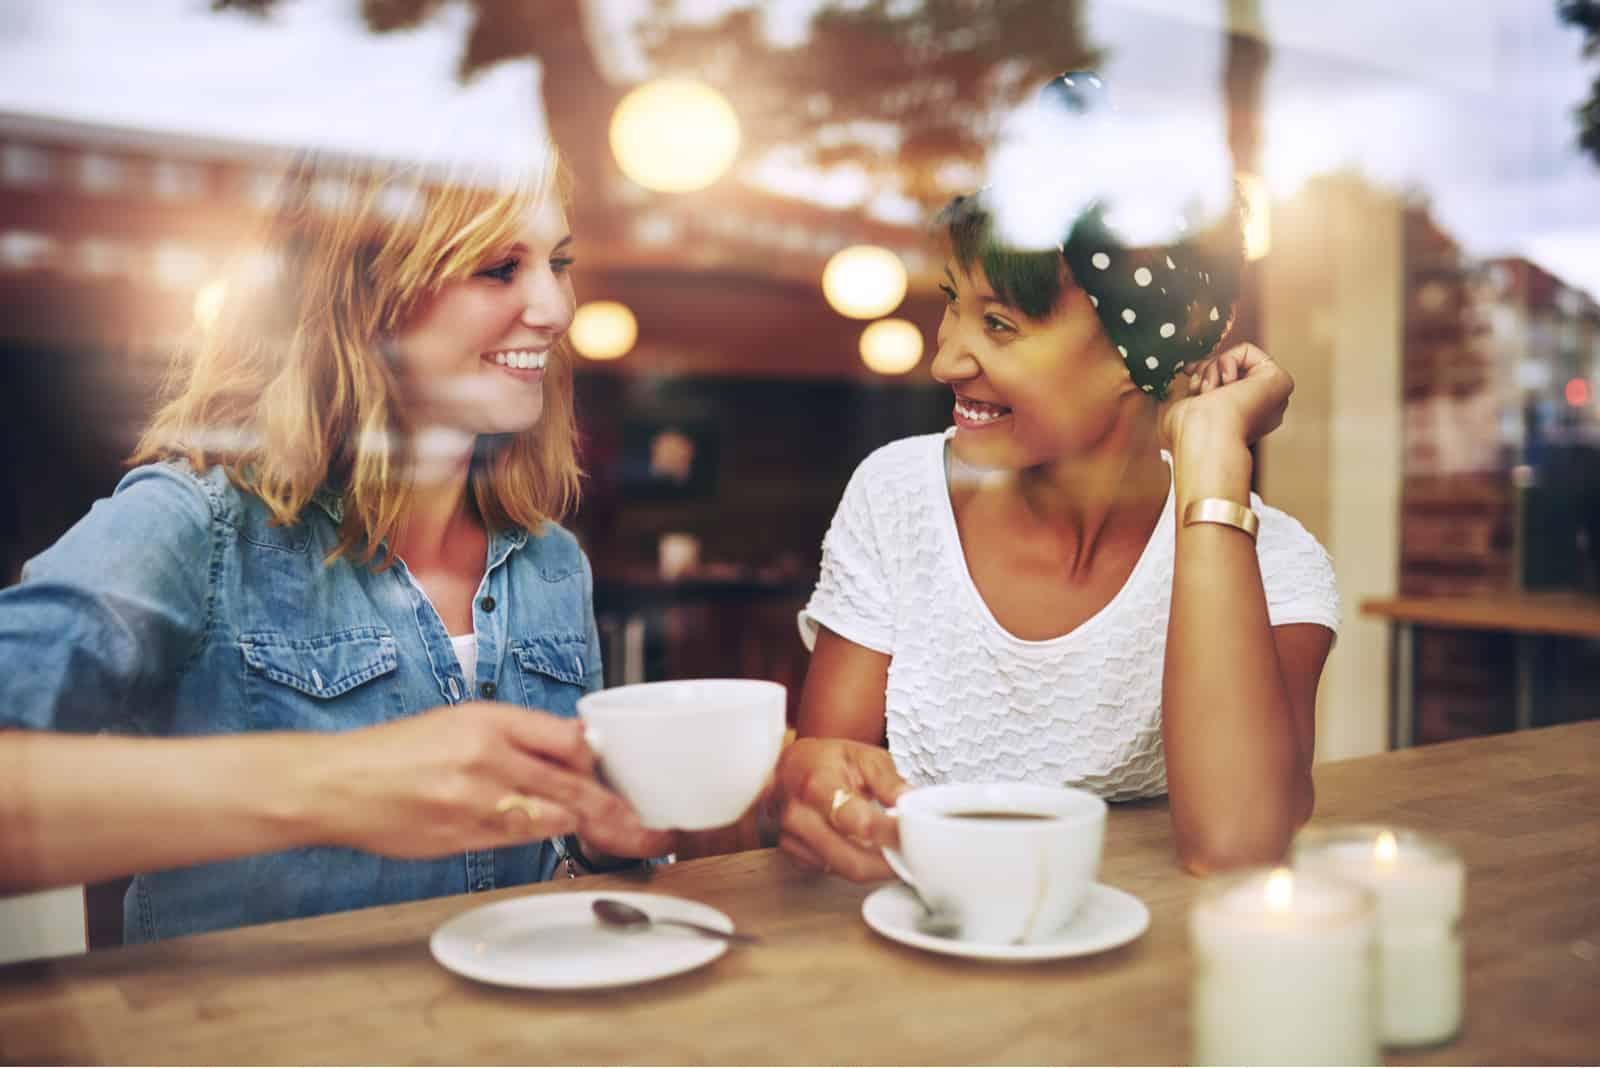 In einem Café hinter der Bar sitzen zwei schöne Frauen, die Kaffee trinken und reden